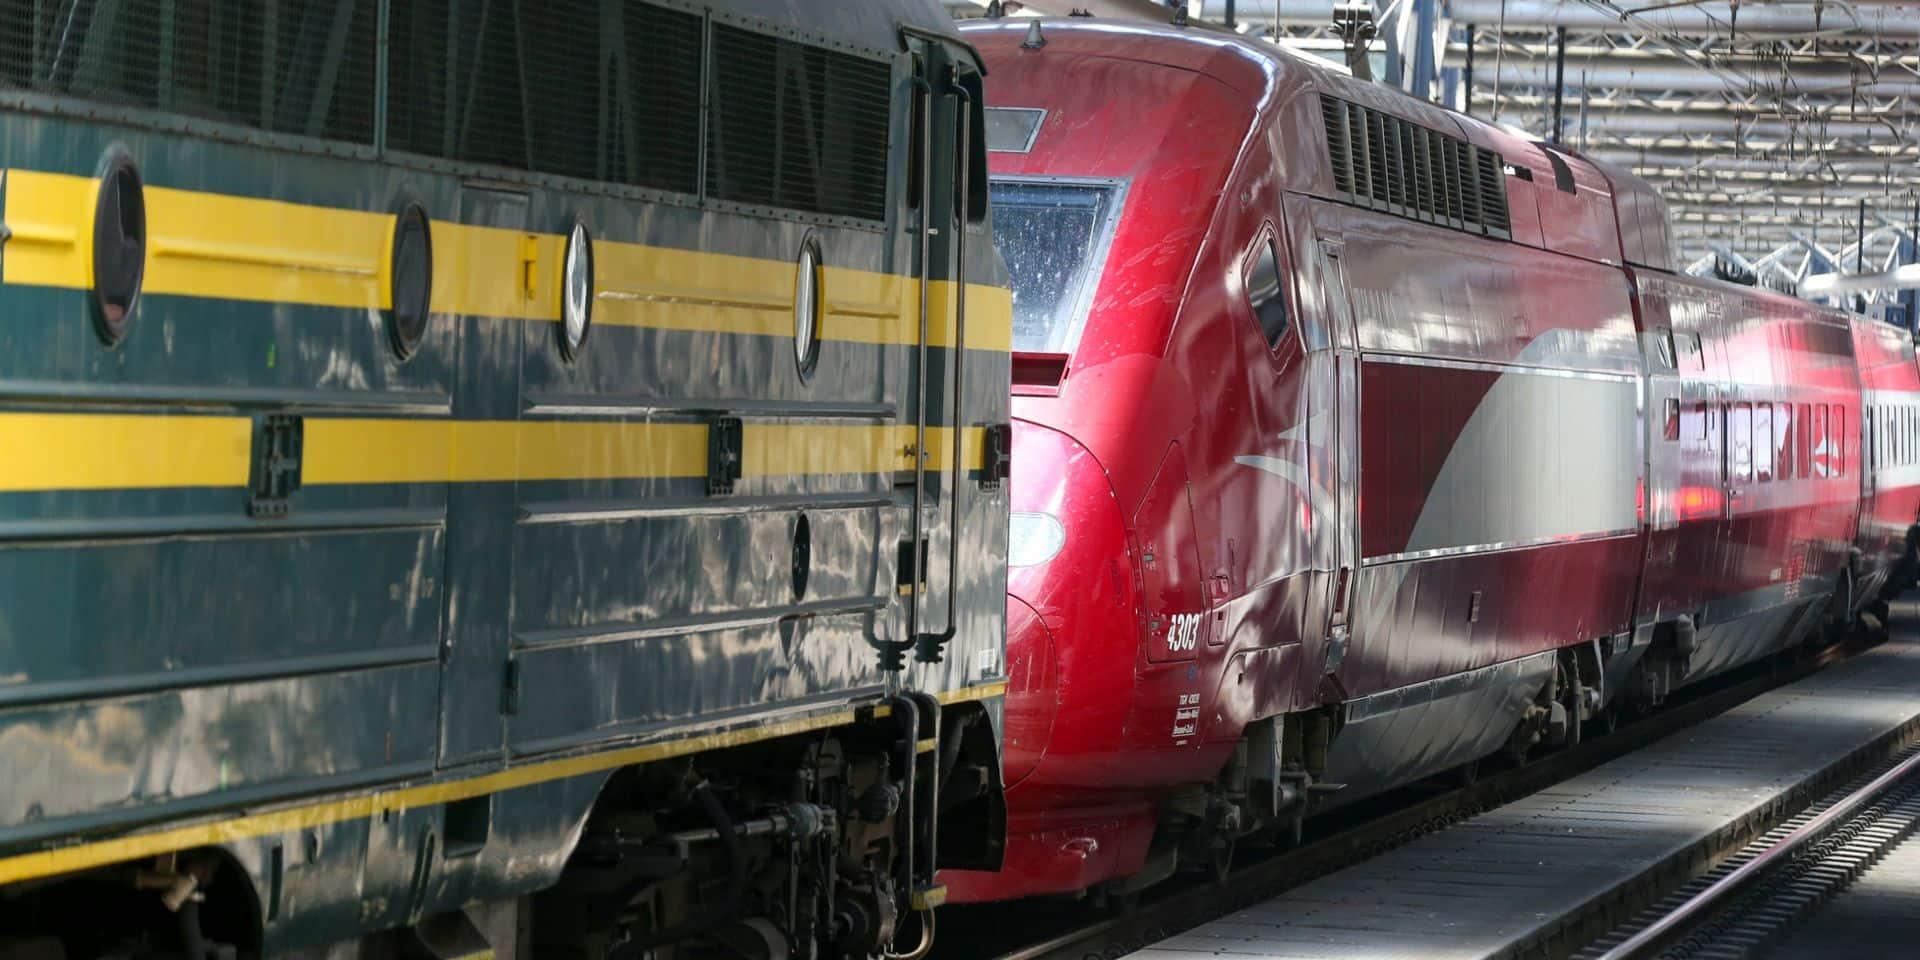 La fusion entre Thalys et Eurostar est relancée.